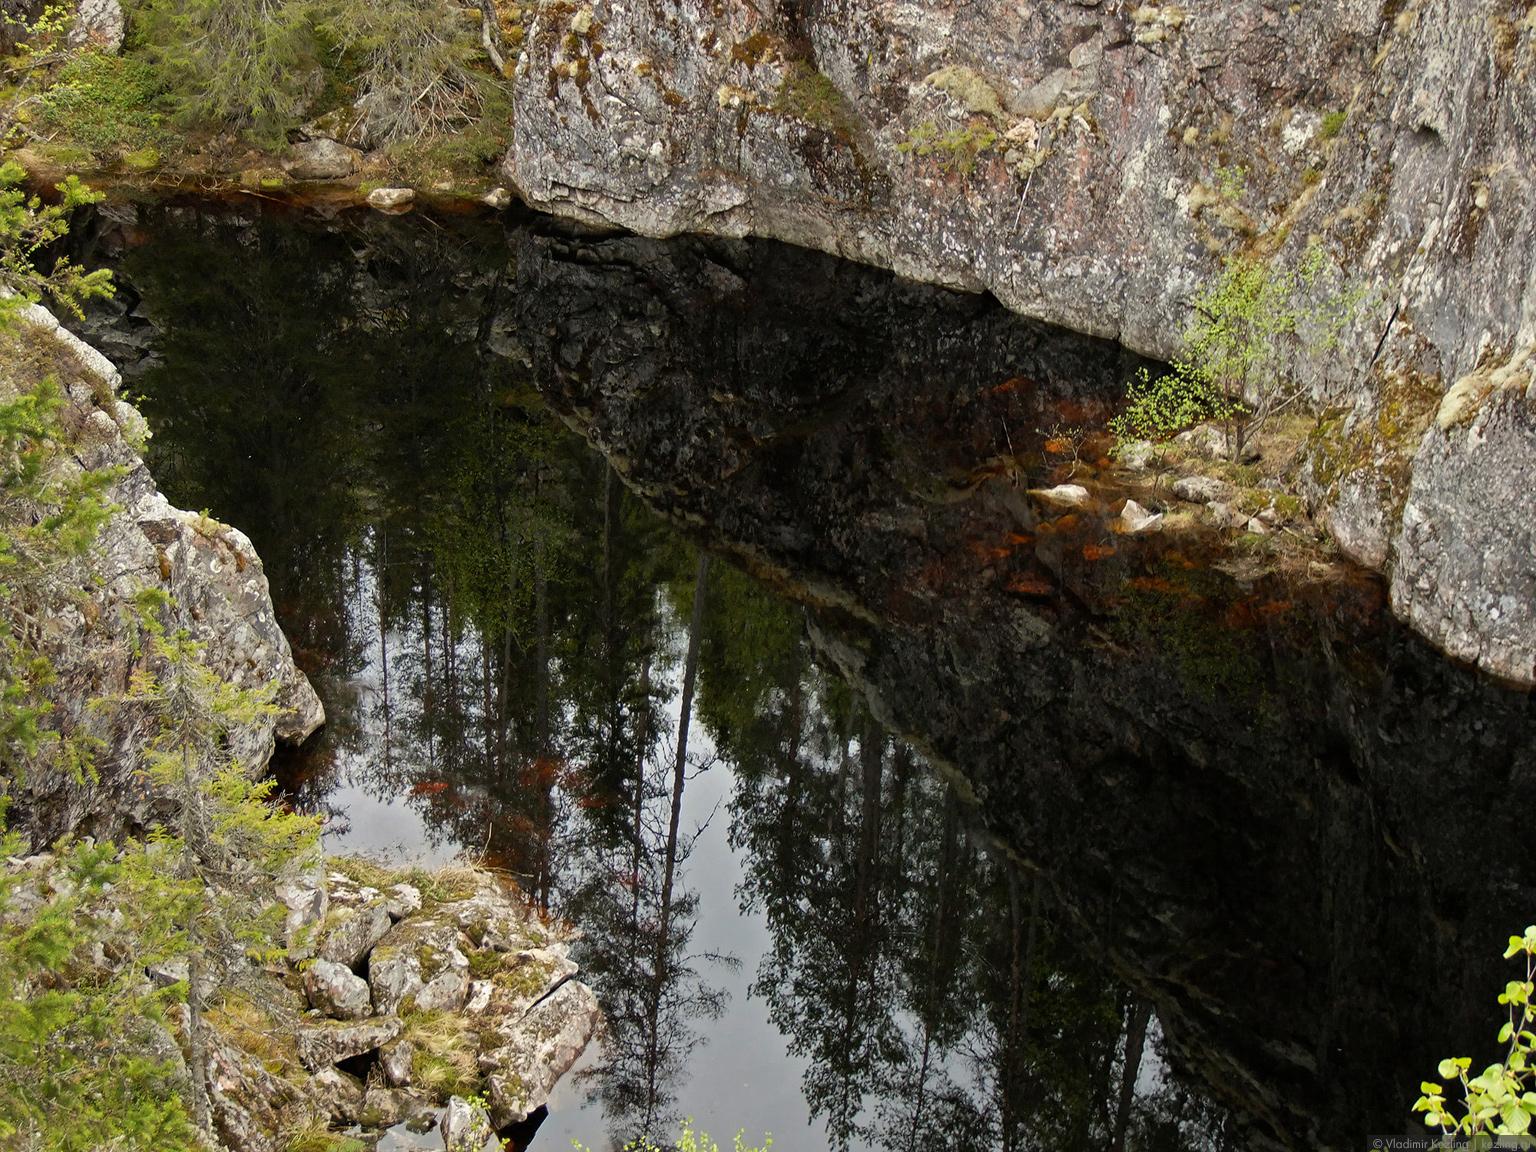 Затерявшись в финских лесах. Национальный парк «Хииденпортти»